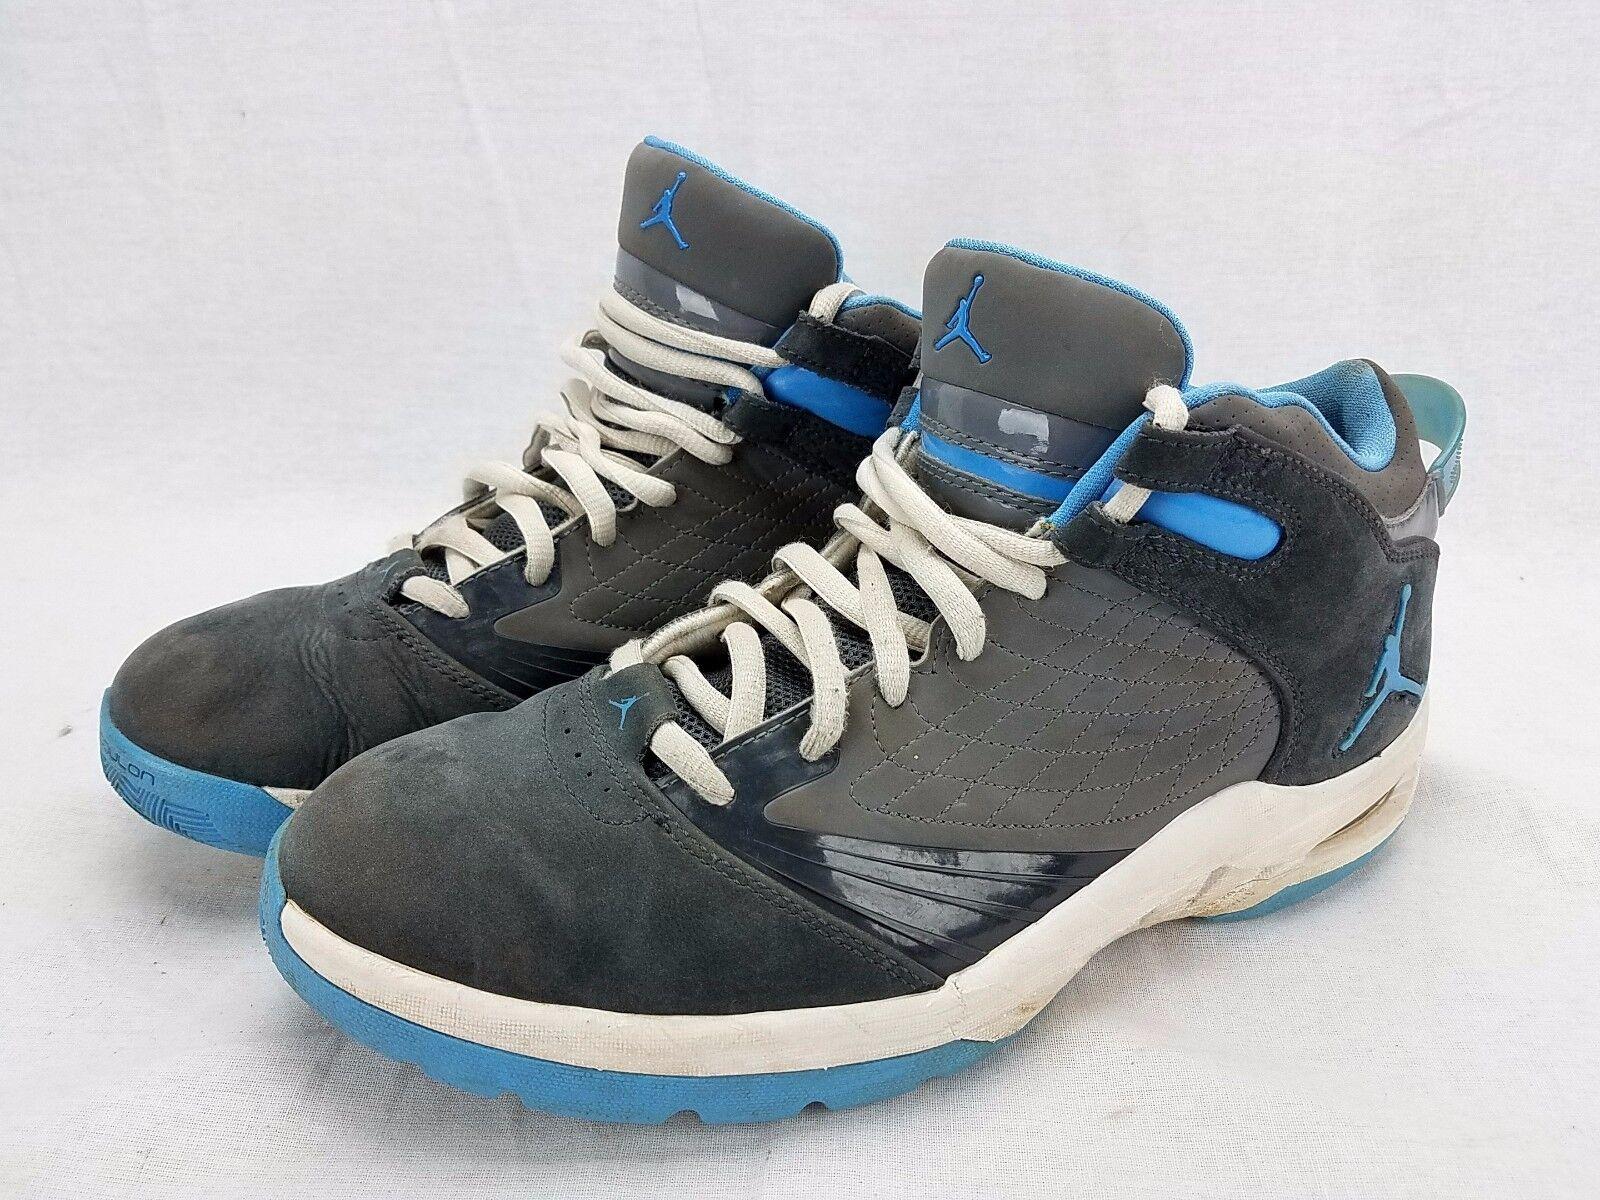 Nike Air Universidad Jordan nueva escuela antracita Universidad Air Azul Cool Gris Blanco 469955-00 el último descuento zapatos para hombres y mujeres fdbdf4